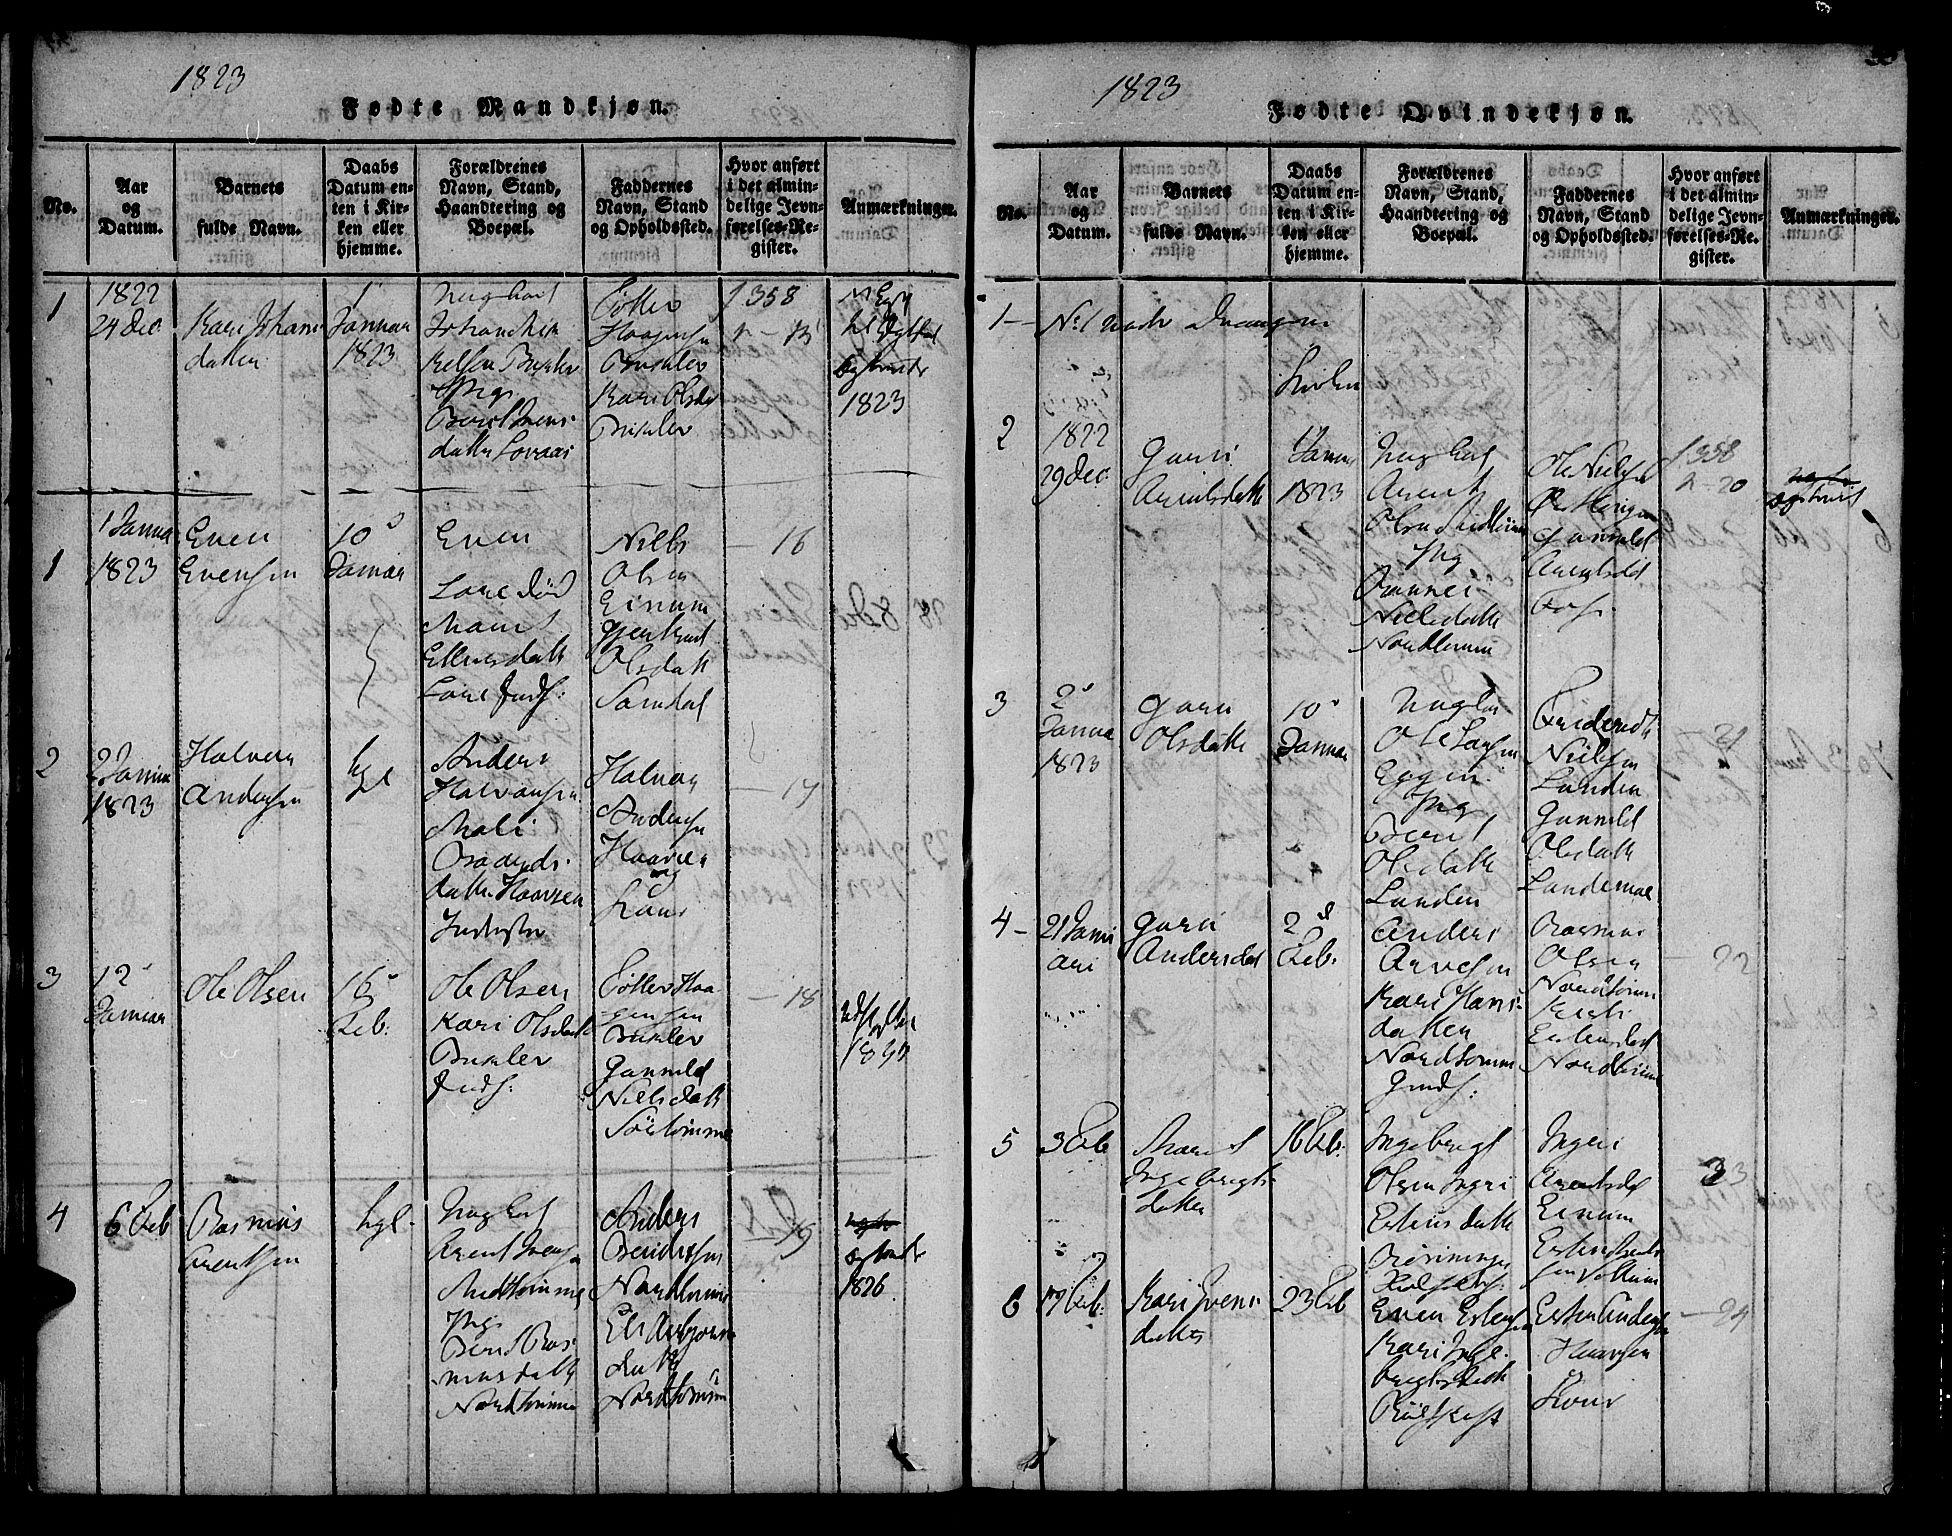 SAT, Ministerialprotokoller, klokkerbøker og fødselsregistre - Sør-Trøndelag, 692/L1102: Ministerialbok nr. 692A02, 1816-1842, s. 35